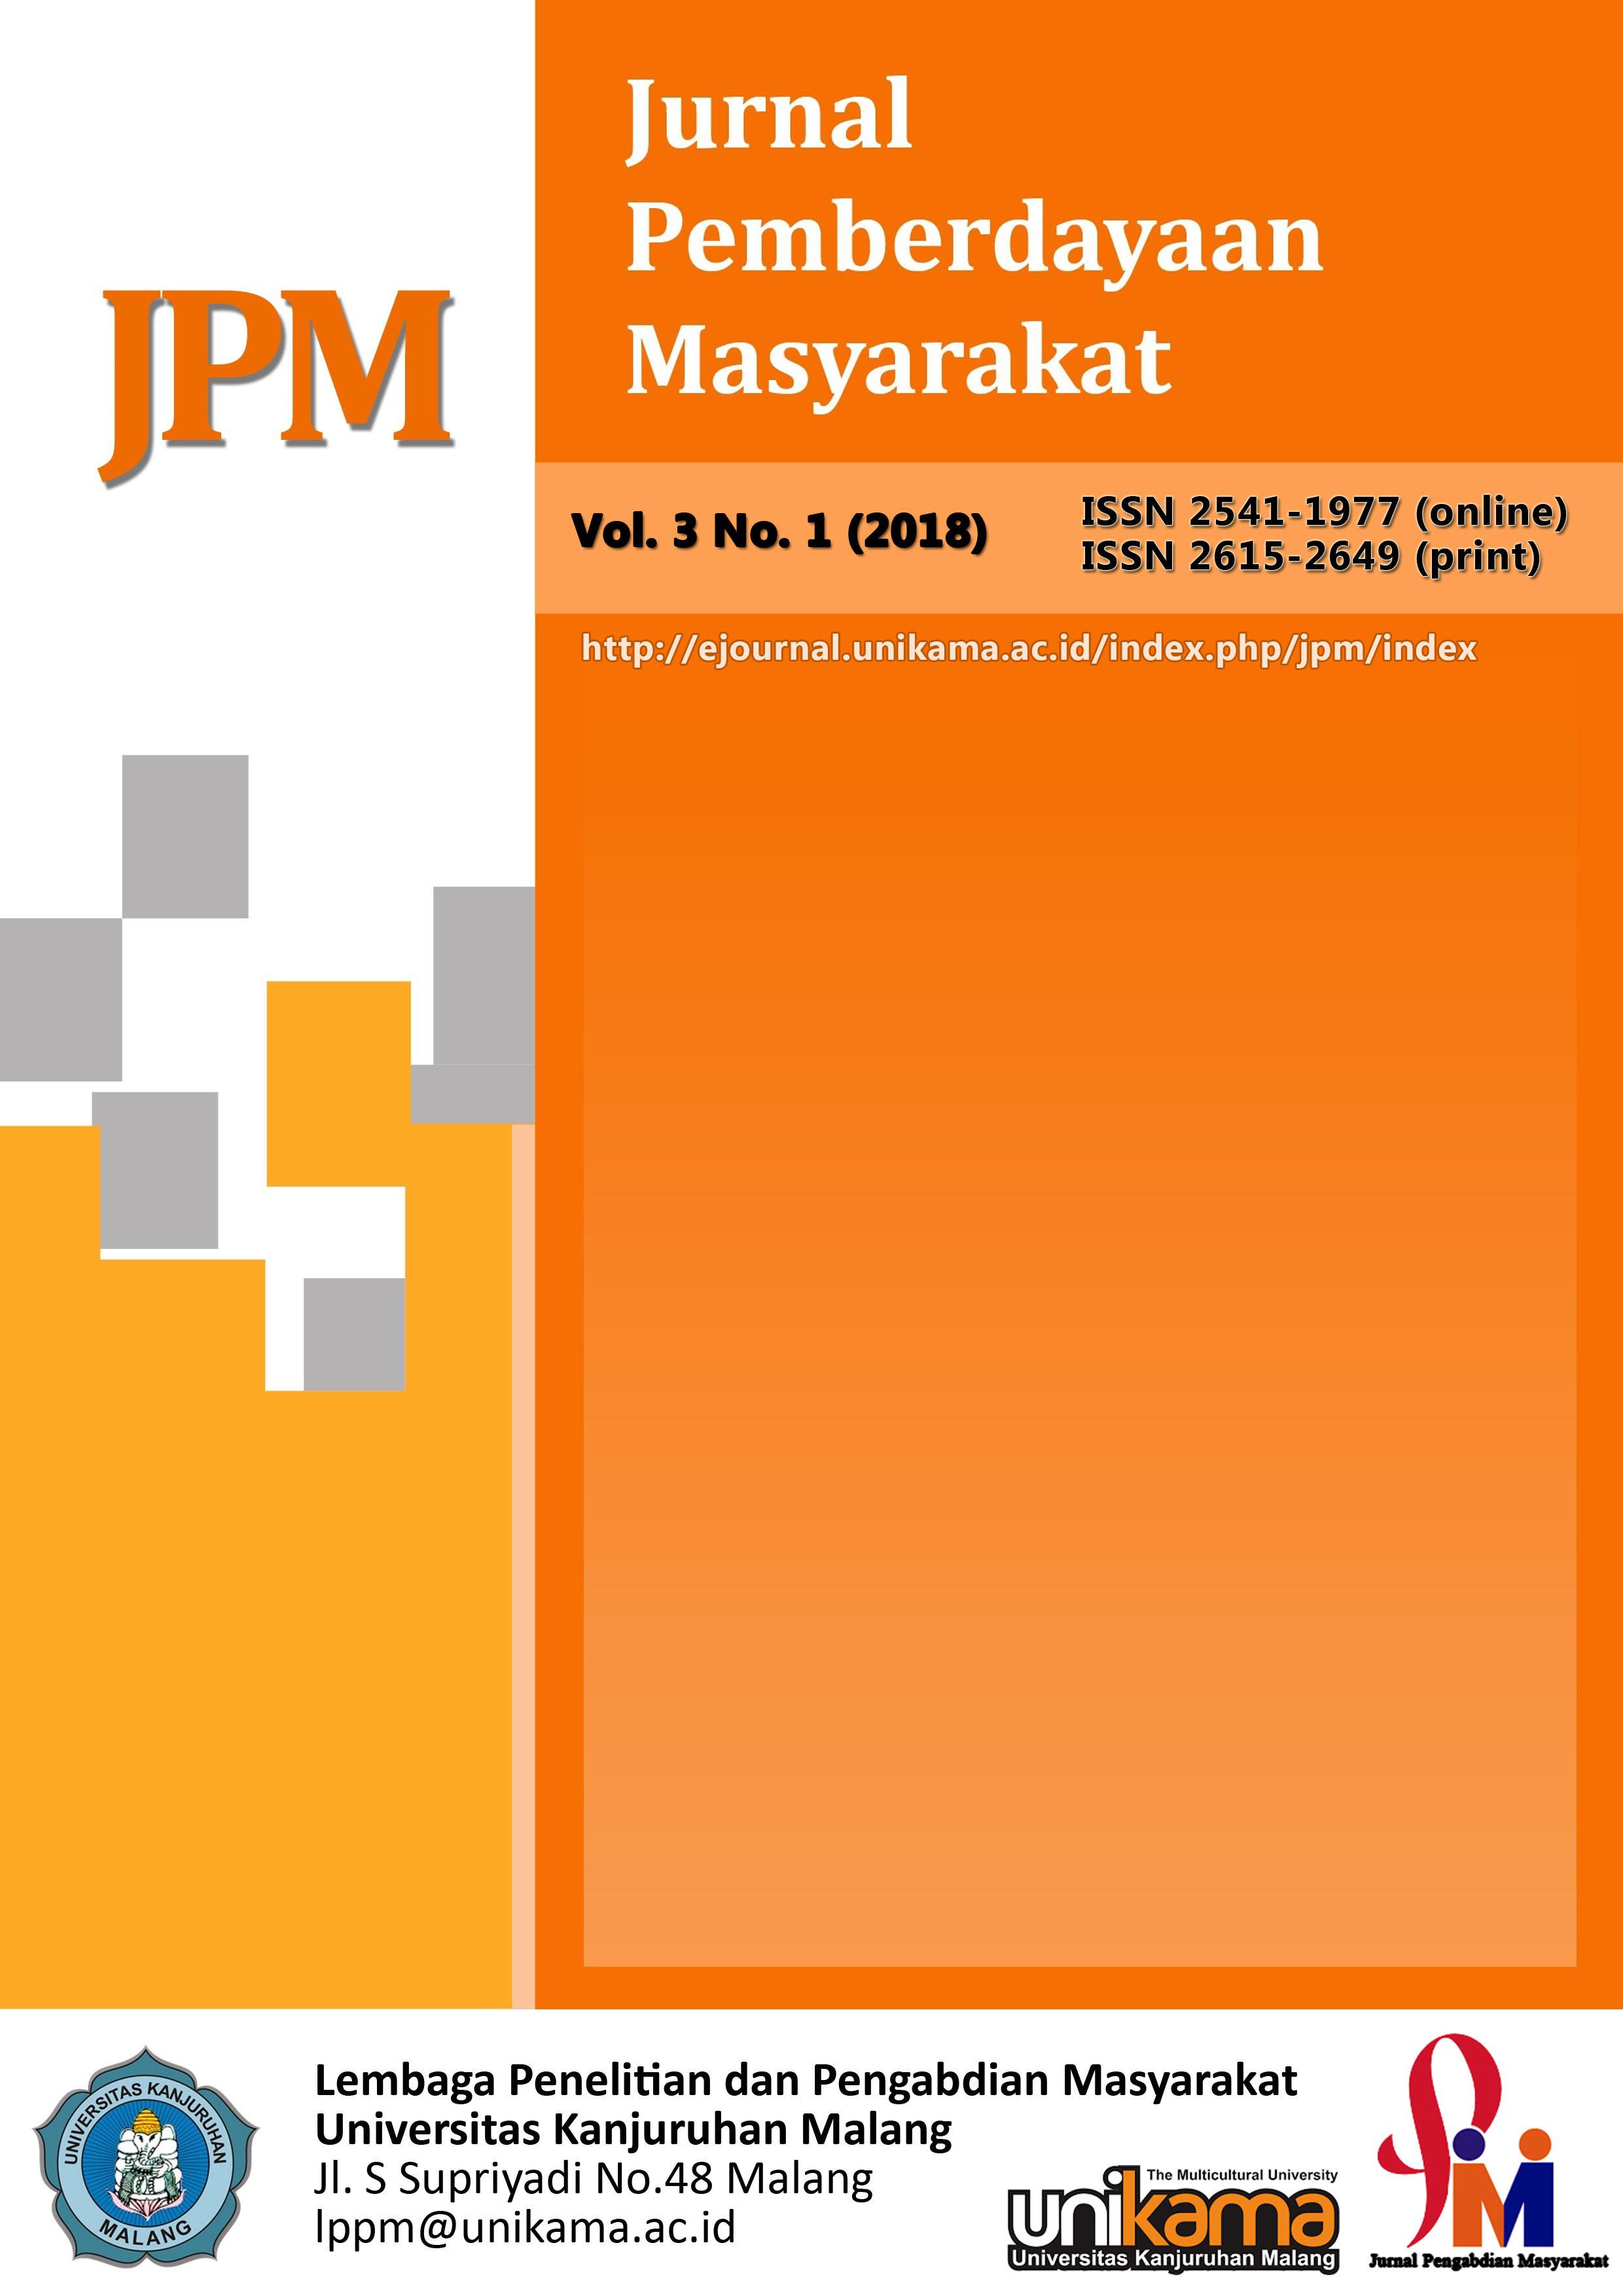 JPM (Jurnal Pemberdayaan Masyarakat) UNIKAMA